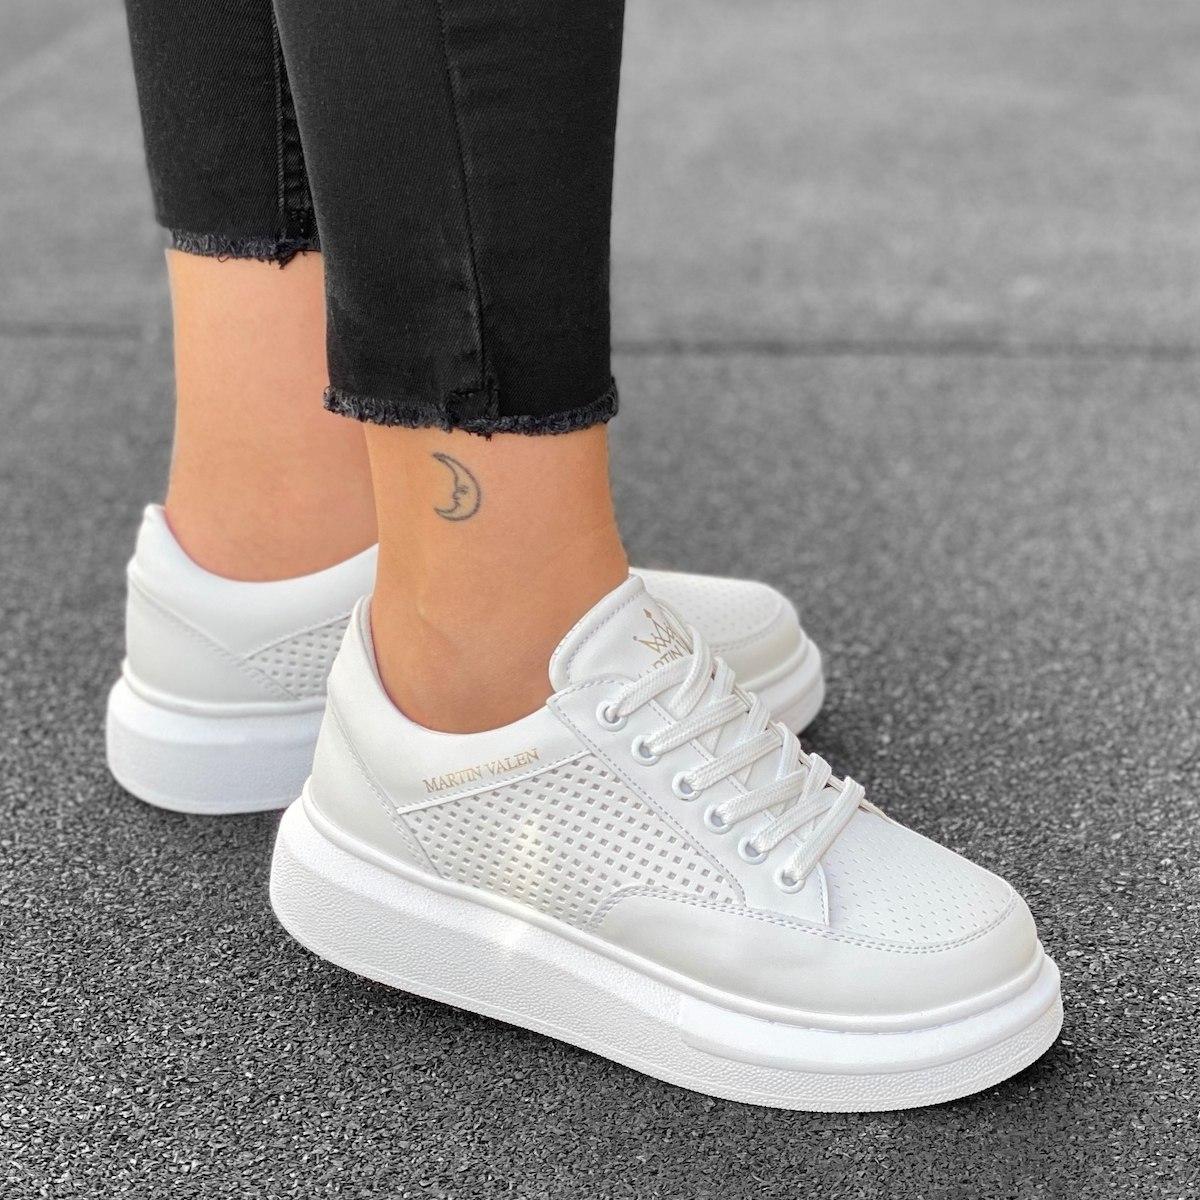 Women's Hype Sole Full Mesh Sneakers In Full White